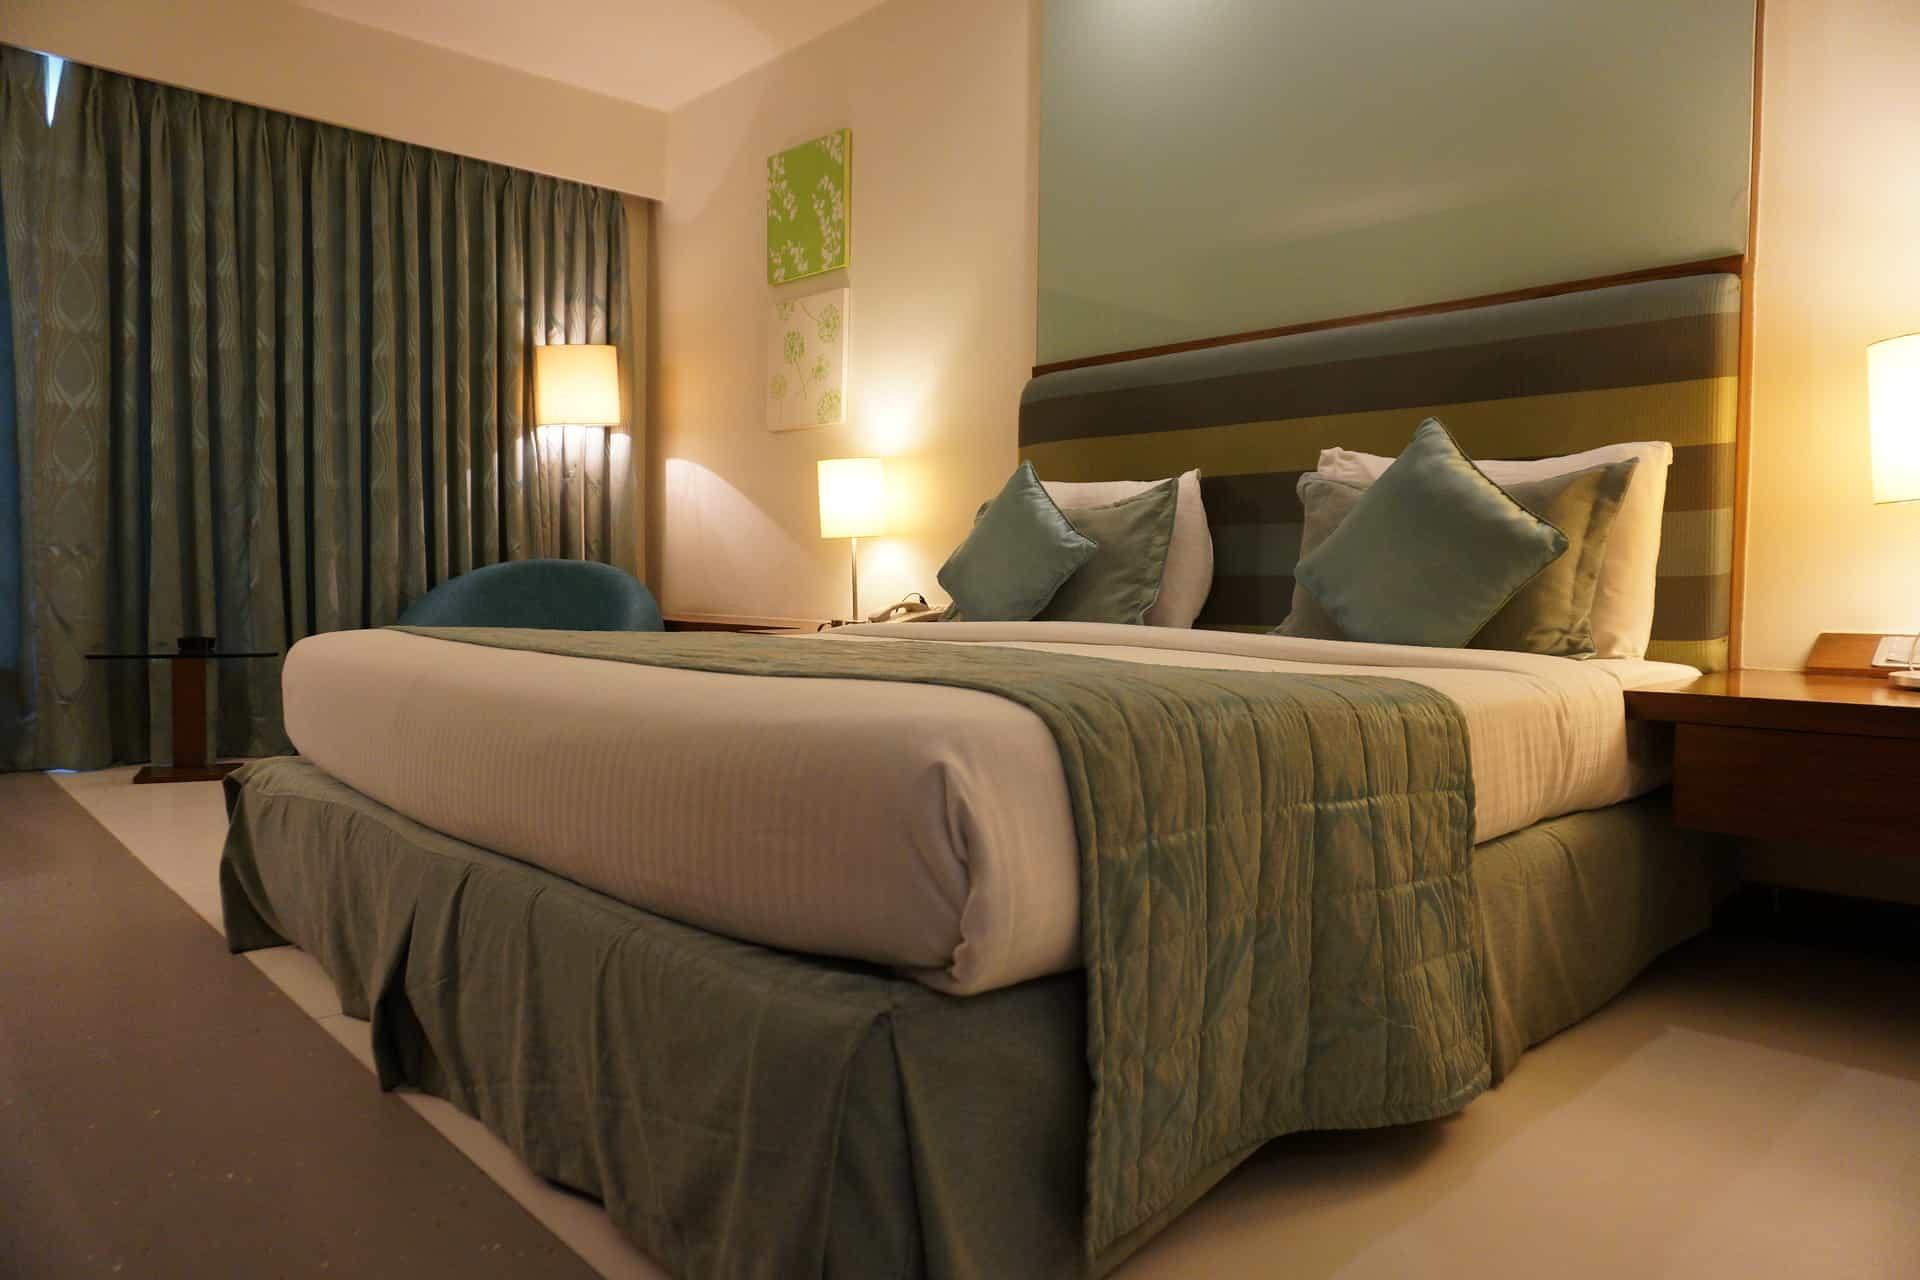 Imagem de quarto com cama box com saia em tons combinando com a cortina e a roupa de cama.